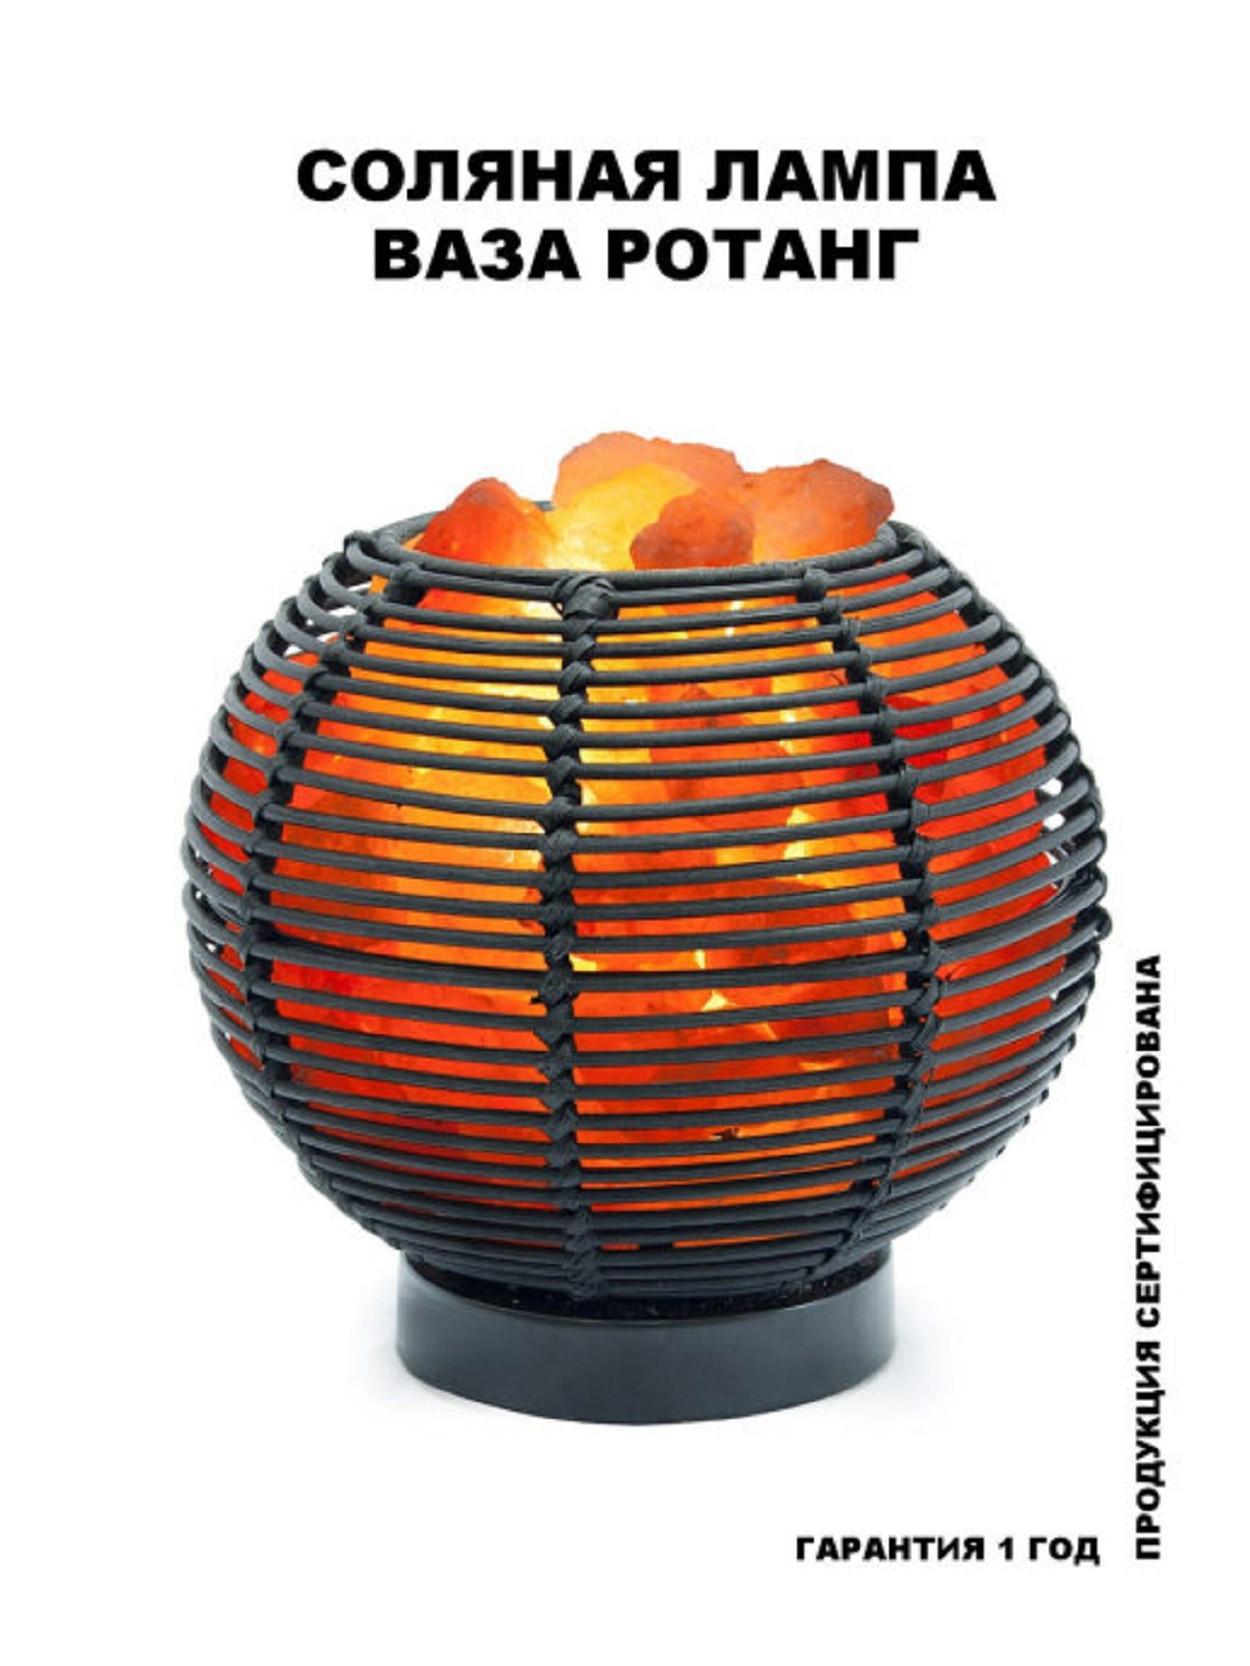 Декоративная соляная лампа-камин «Ваза-шар Ротанг»